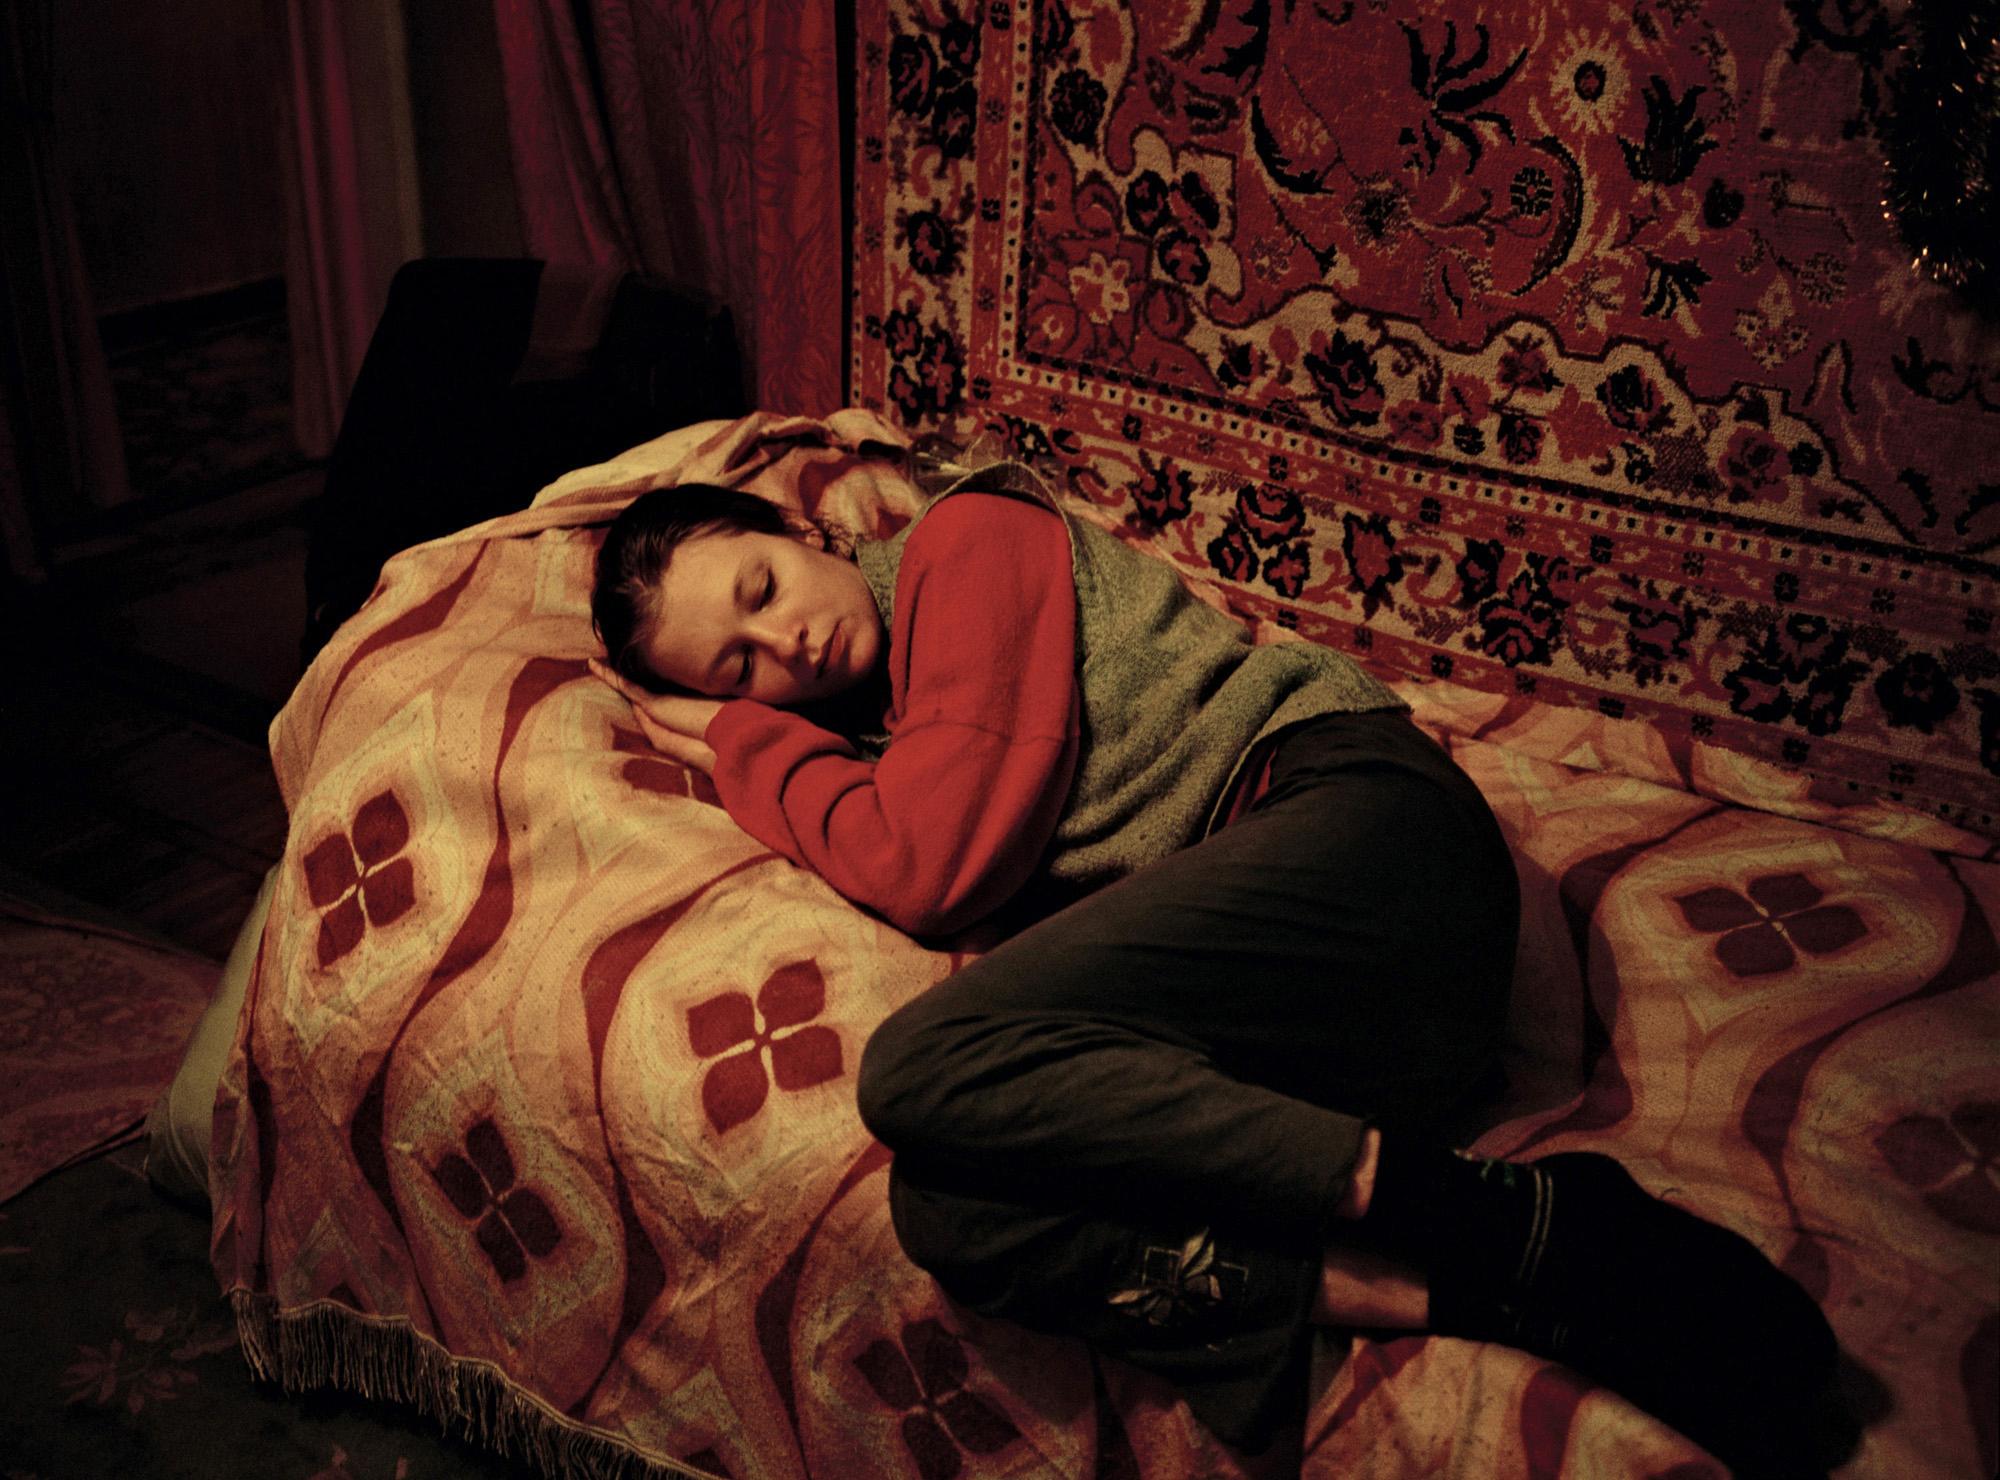 Natascha, aus der Serie AIDS in Odessa